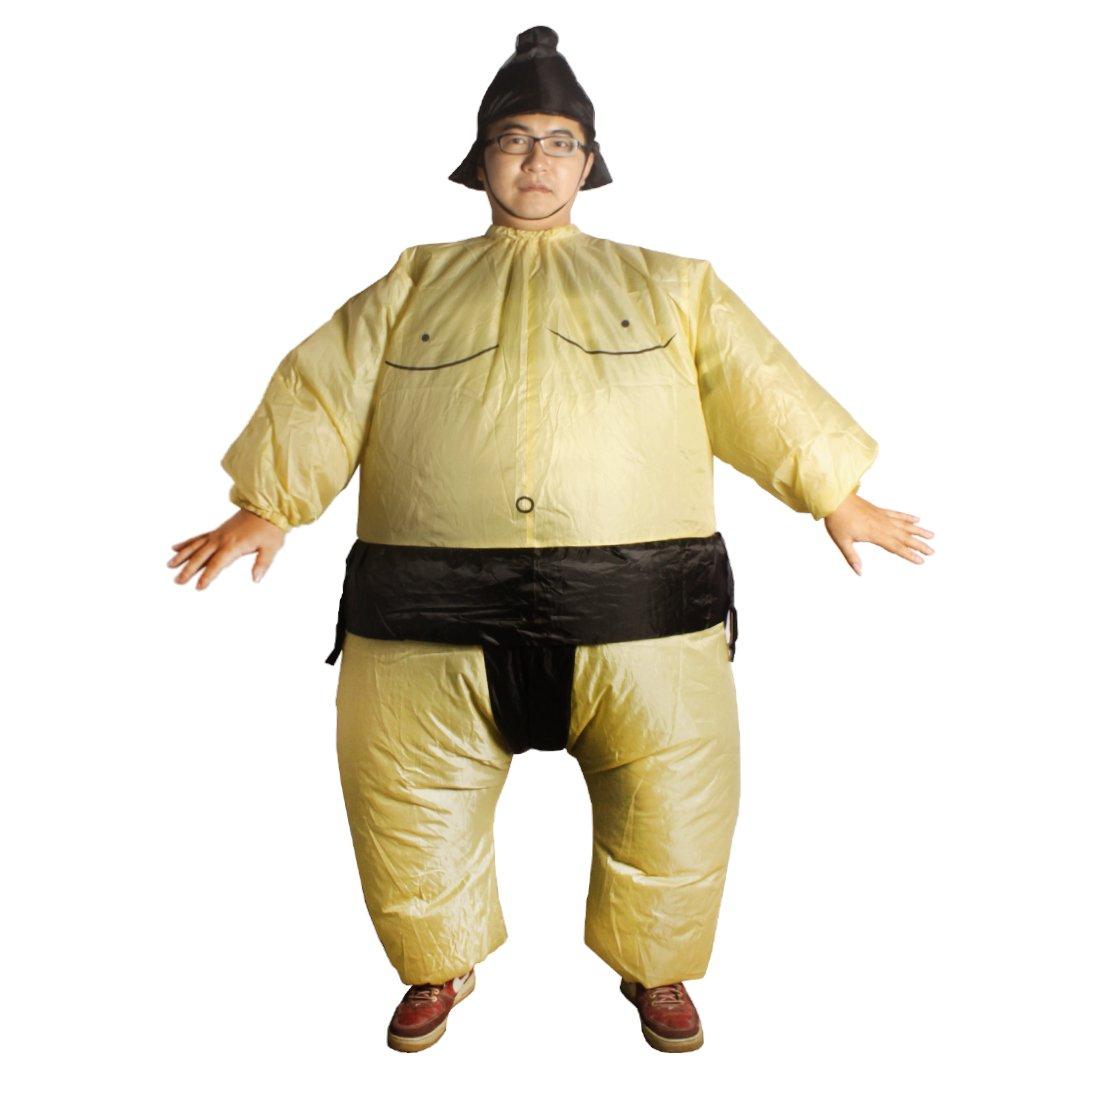 Adulto Cosplay de la ropa del traje inflable Sumo XPFZ-01 ...